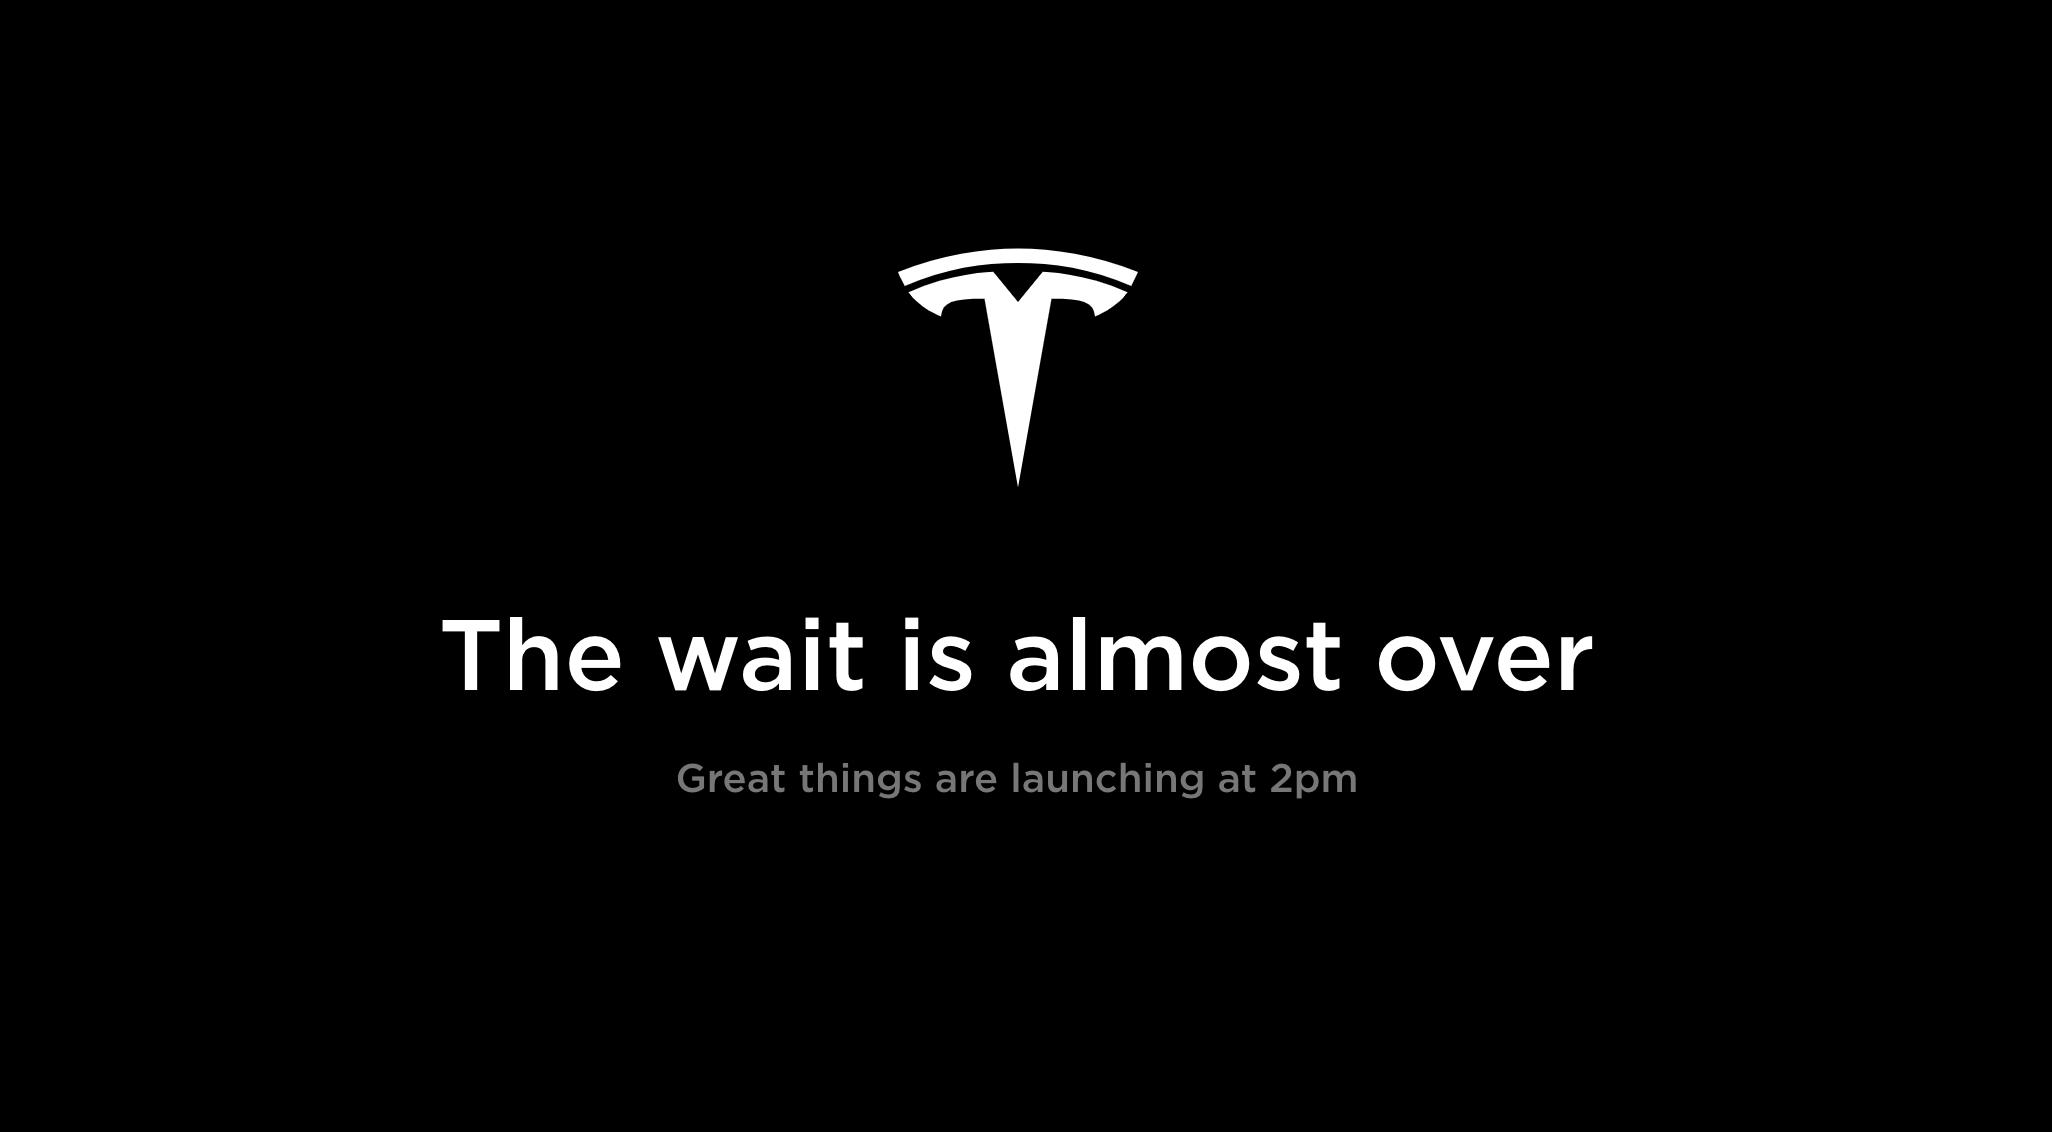 Tesla halts online sales ahead of Elon Musk announcement